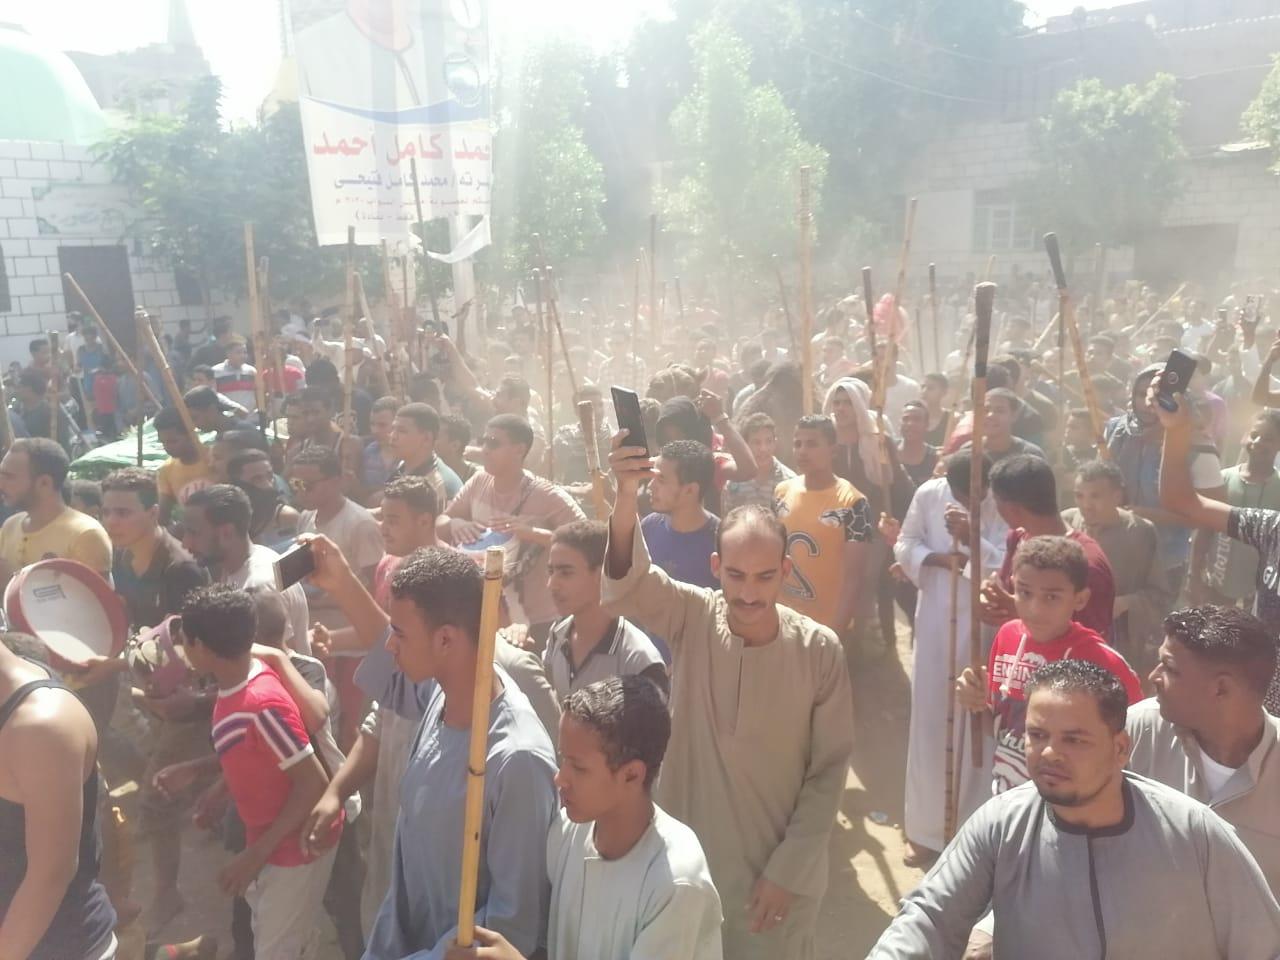 المئات من المسلمين والأقباط يحتفلون بالمولد النبوى (1)